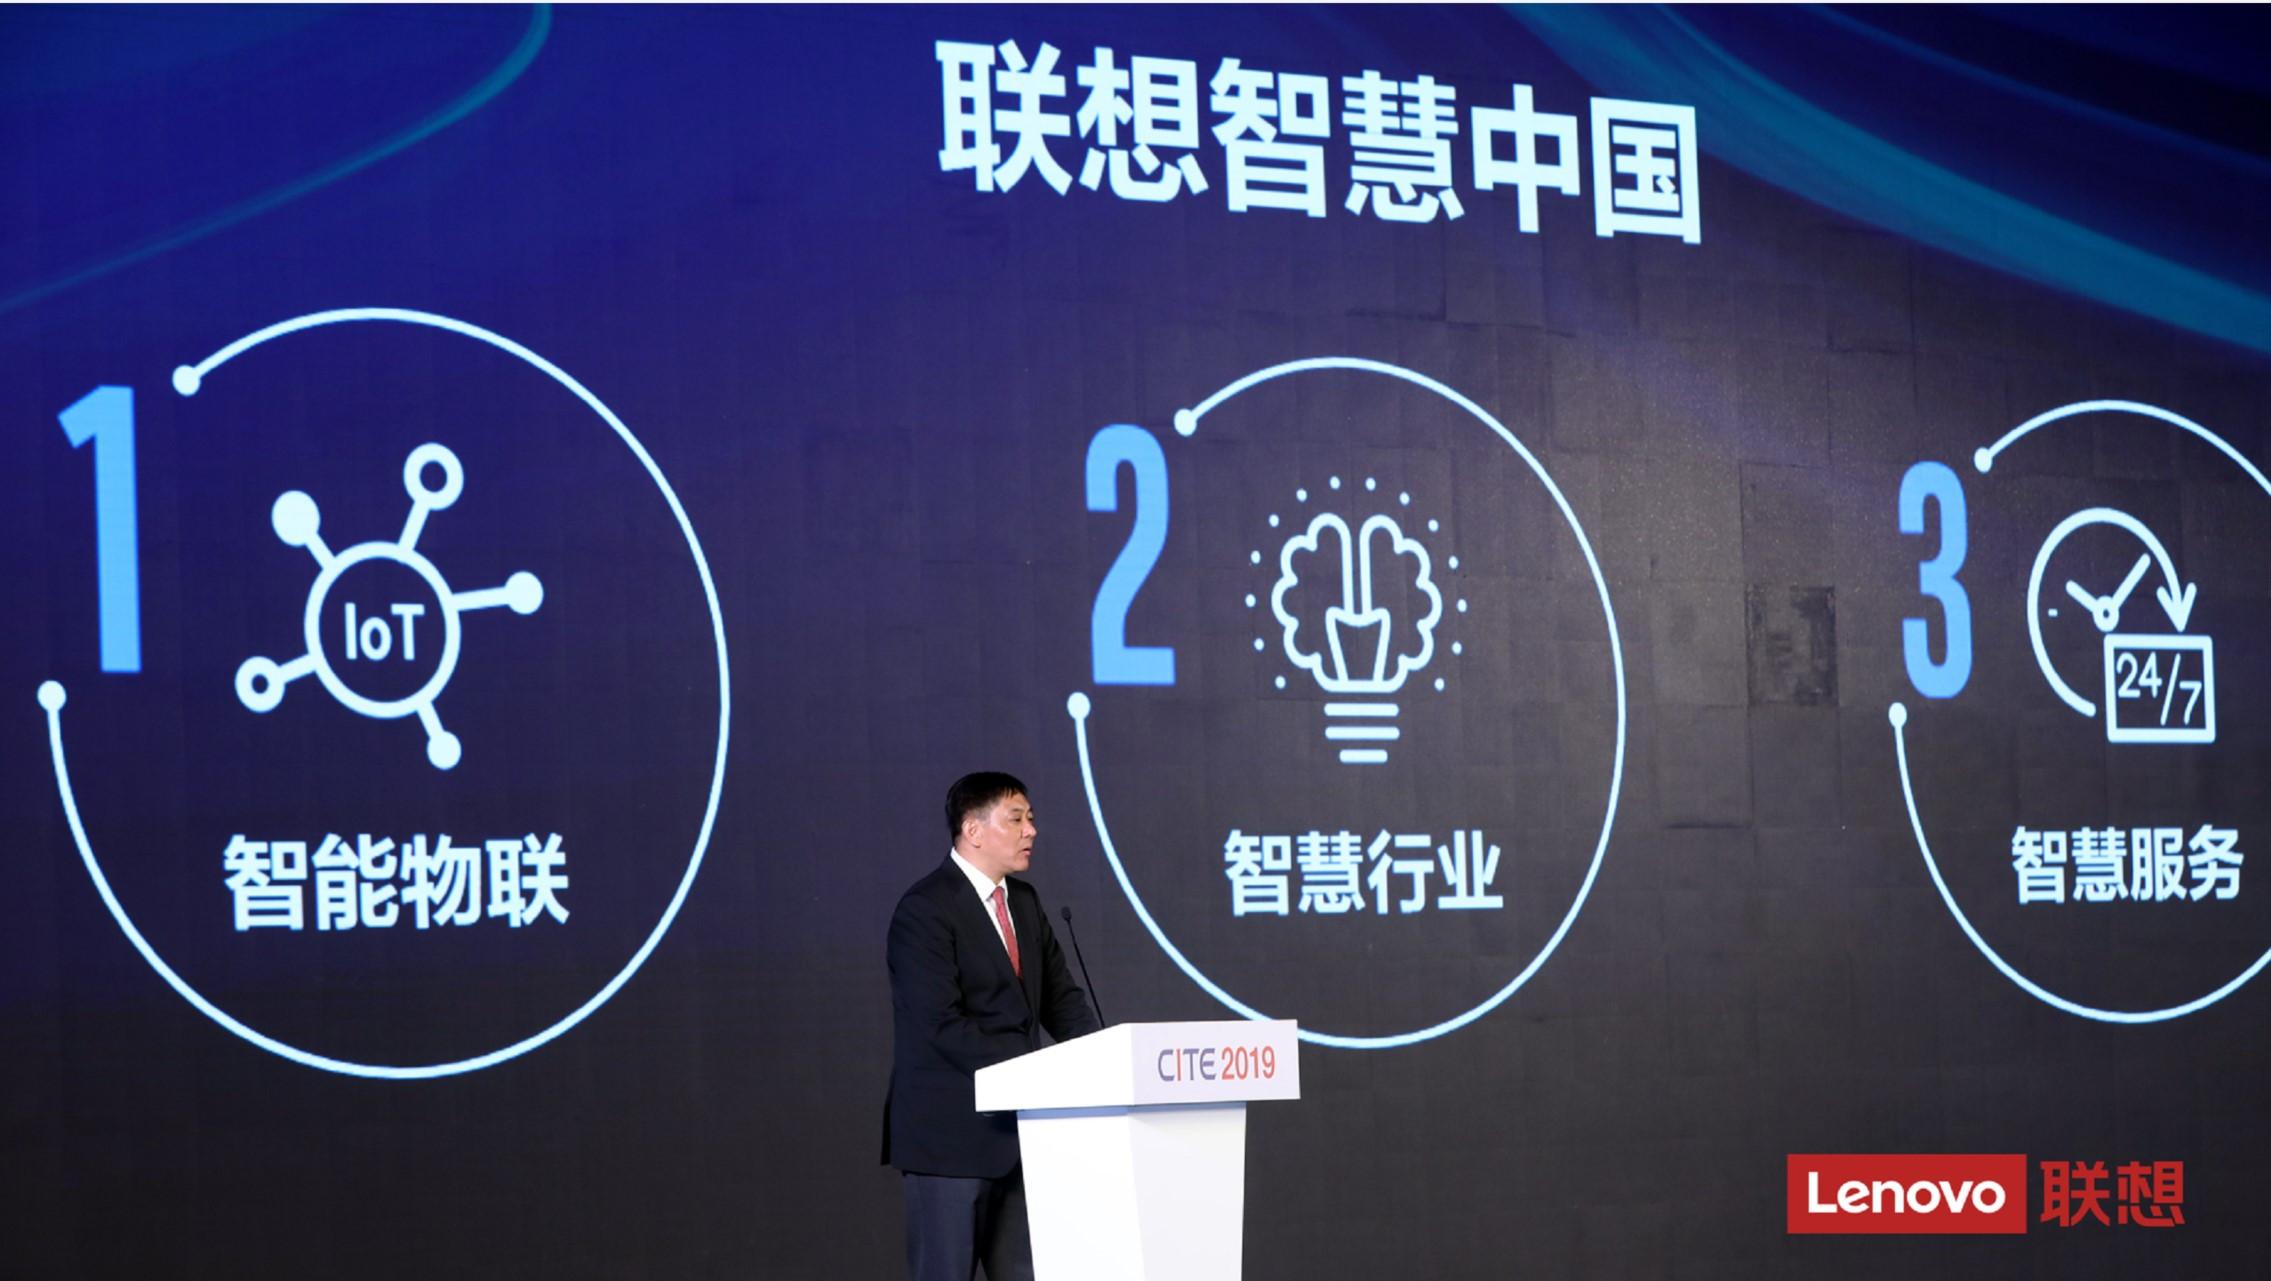 <b>联想智能化转型成效显著,行业智能解决方案已覆盖20多个行业</b>